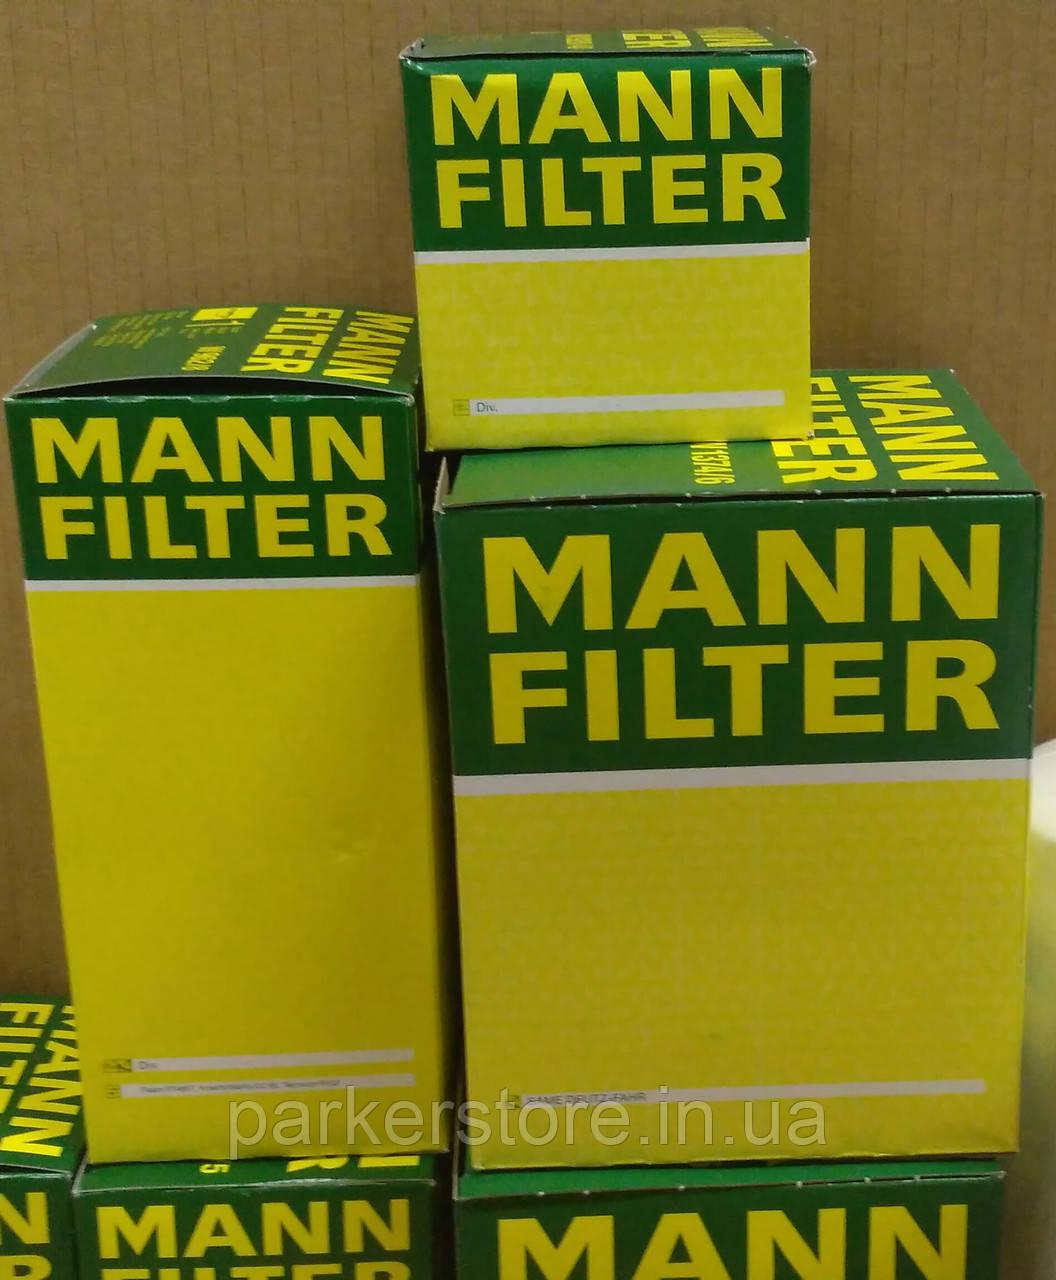 MANN FILTER / Воздушный фильтр / C 16 006 / C16006